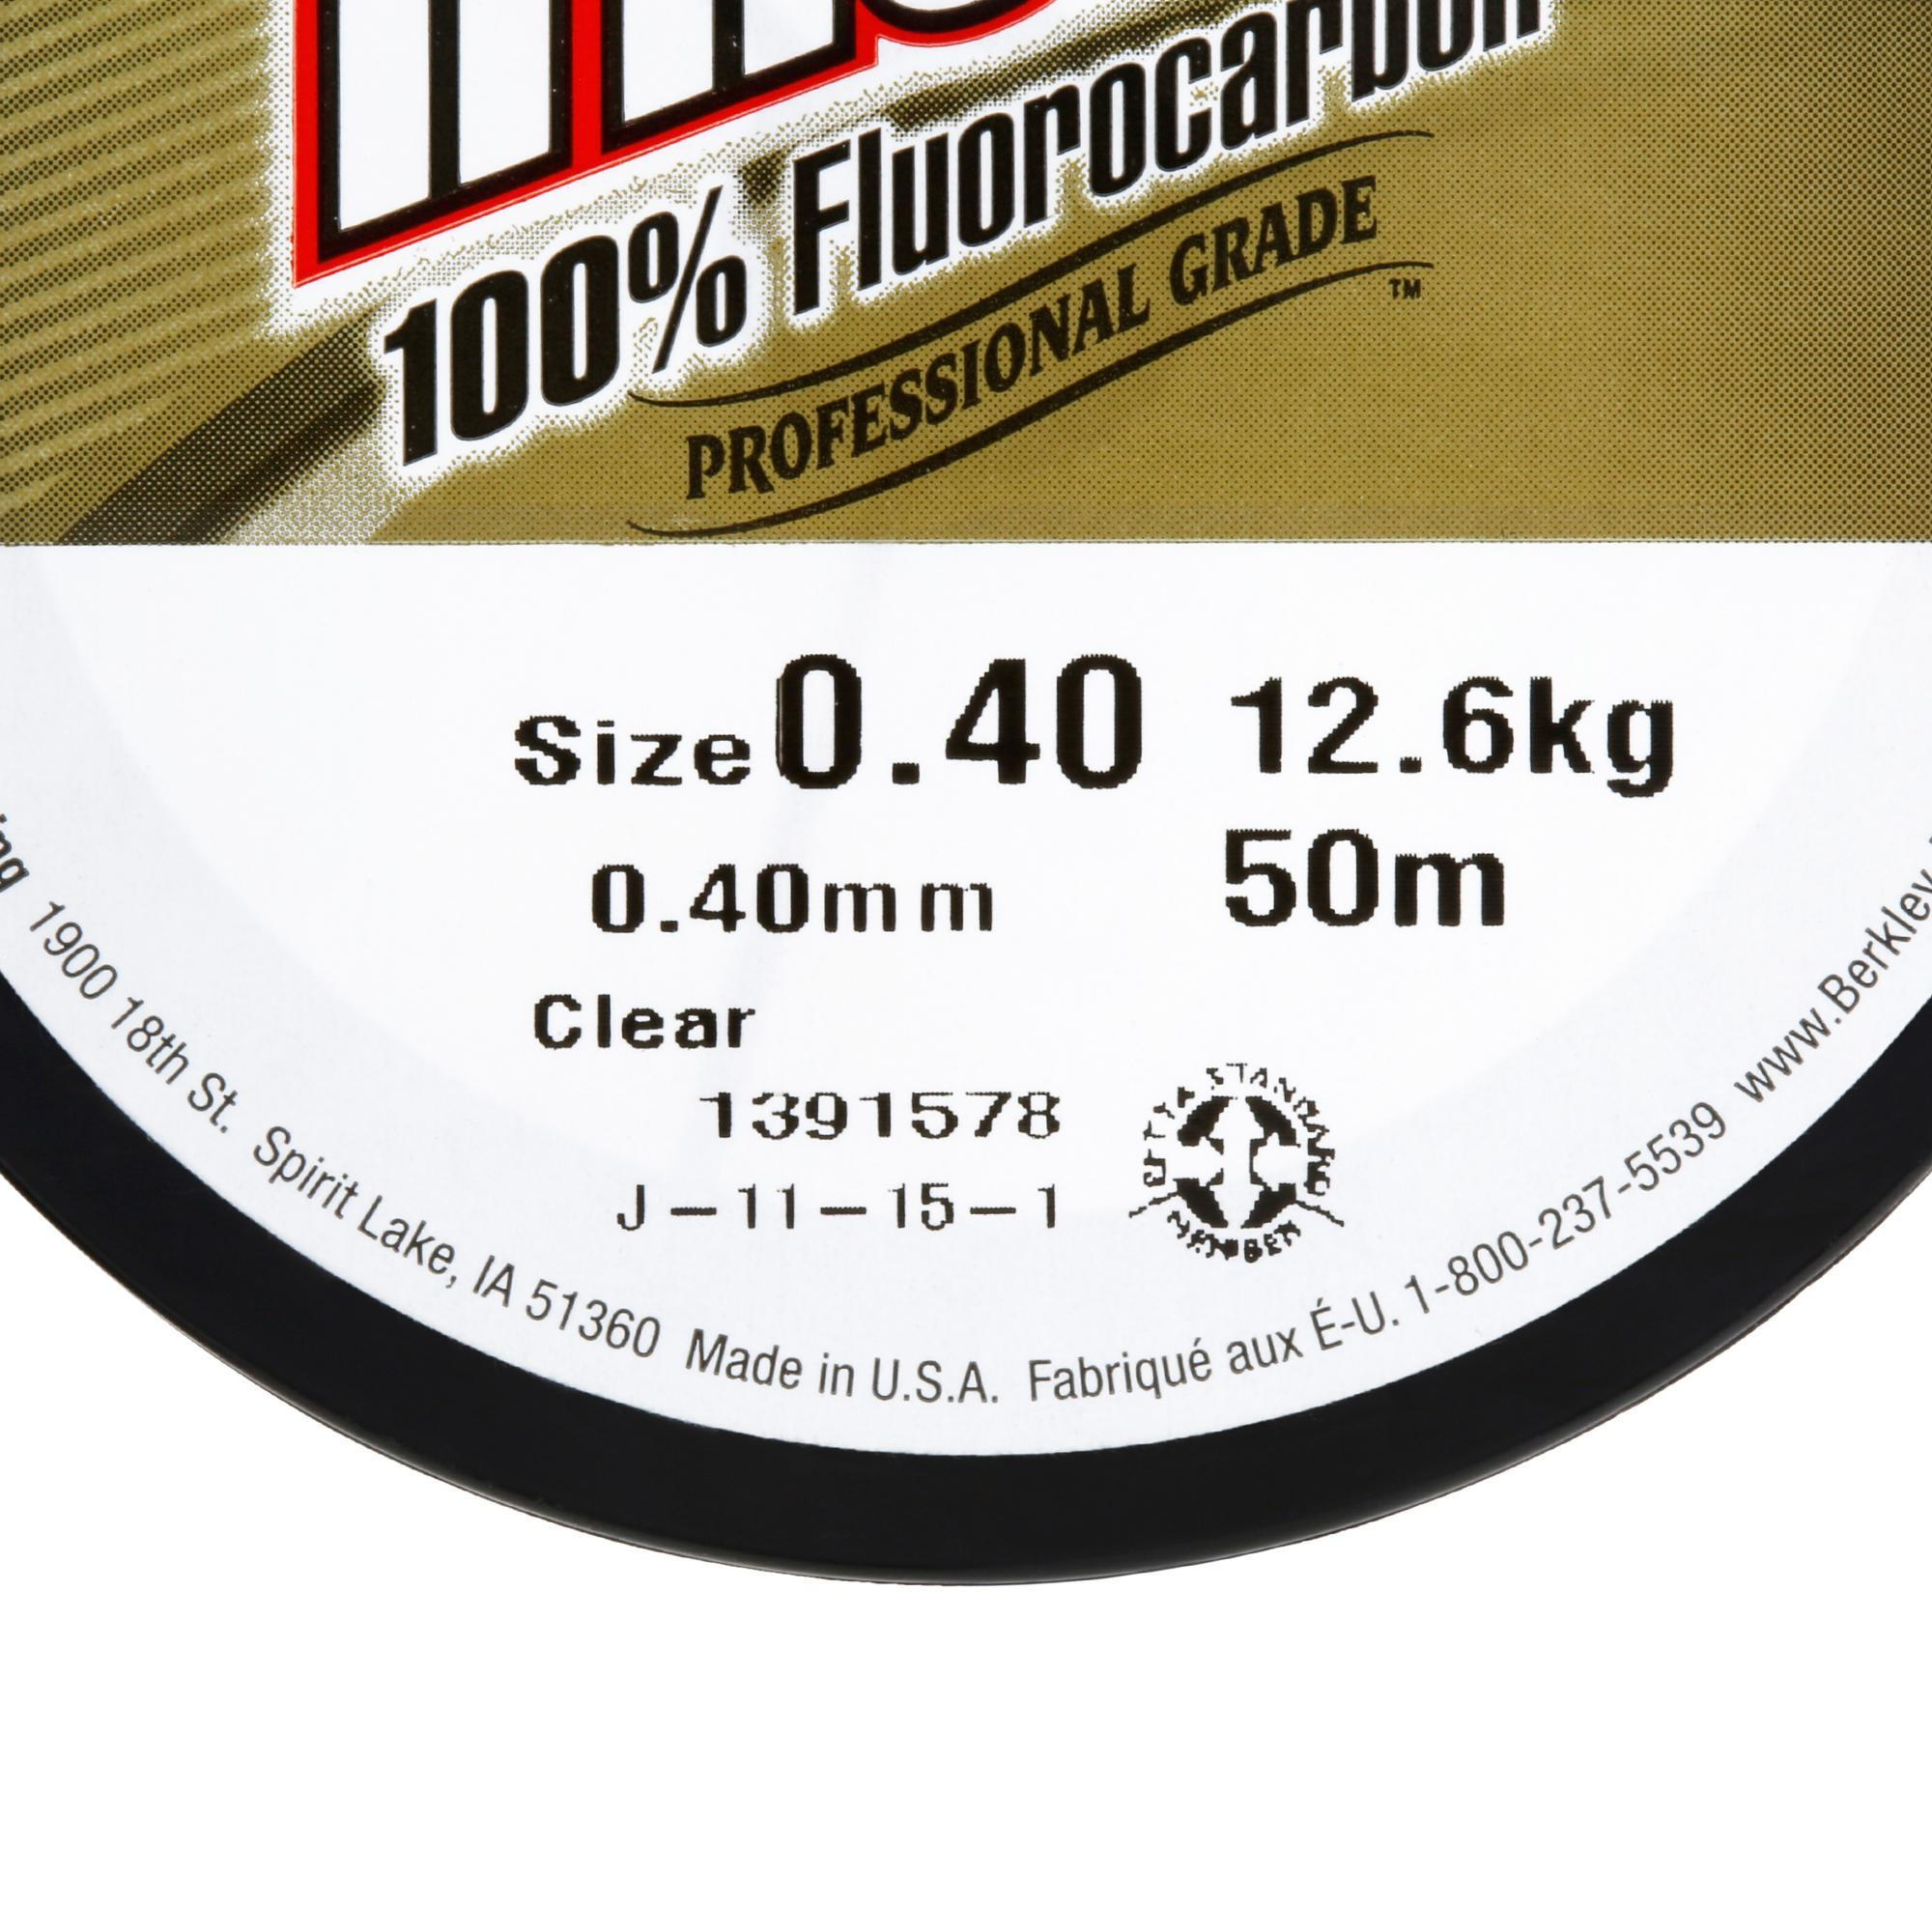 Berkley Vislijn Trilene 100% fluorcarbon 50m 40/100